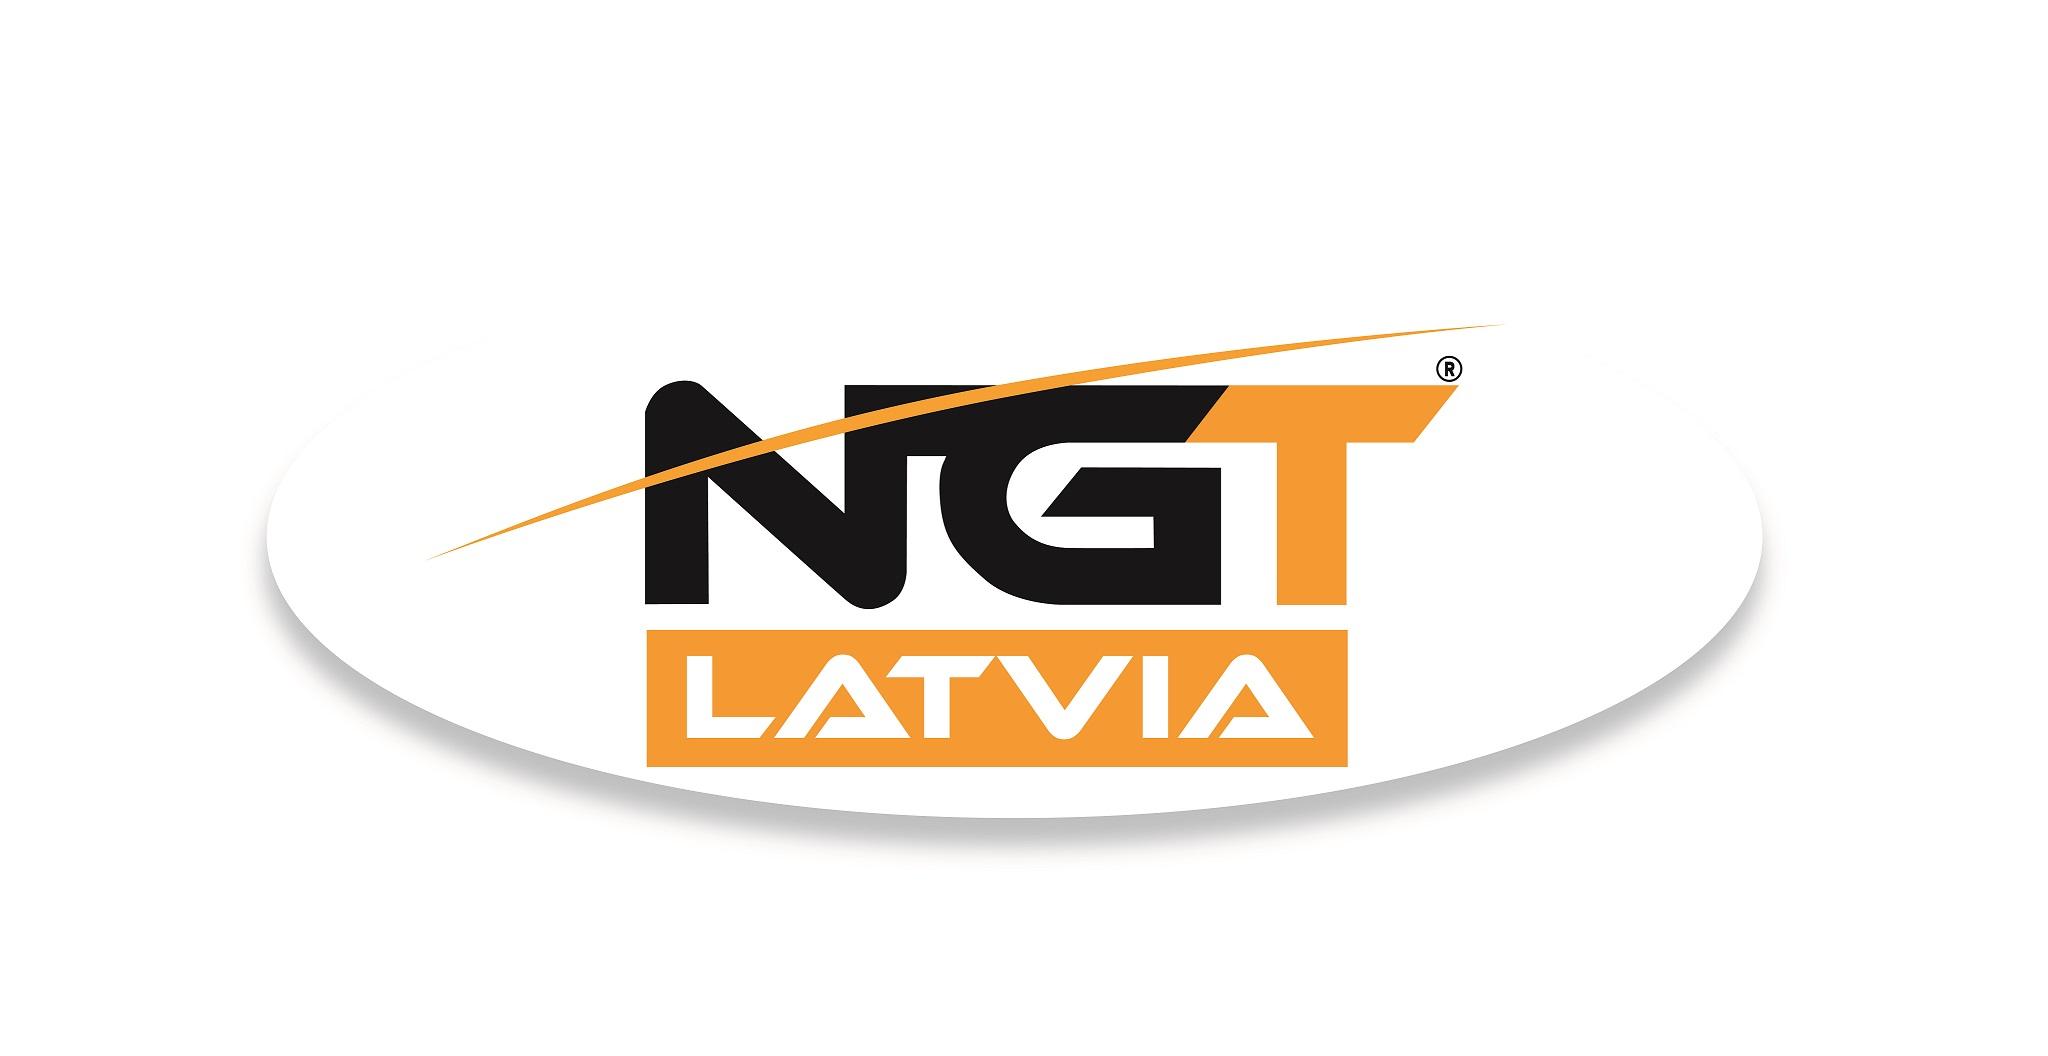 NGT Latvia